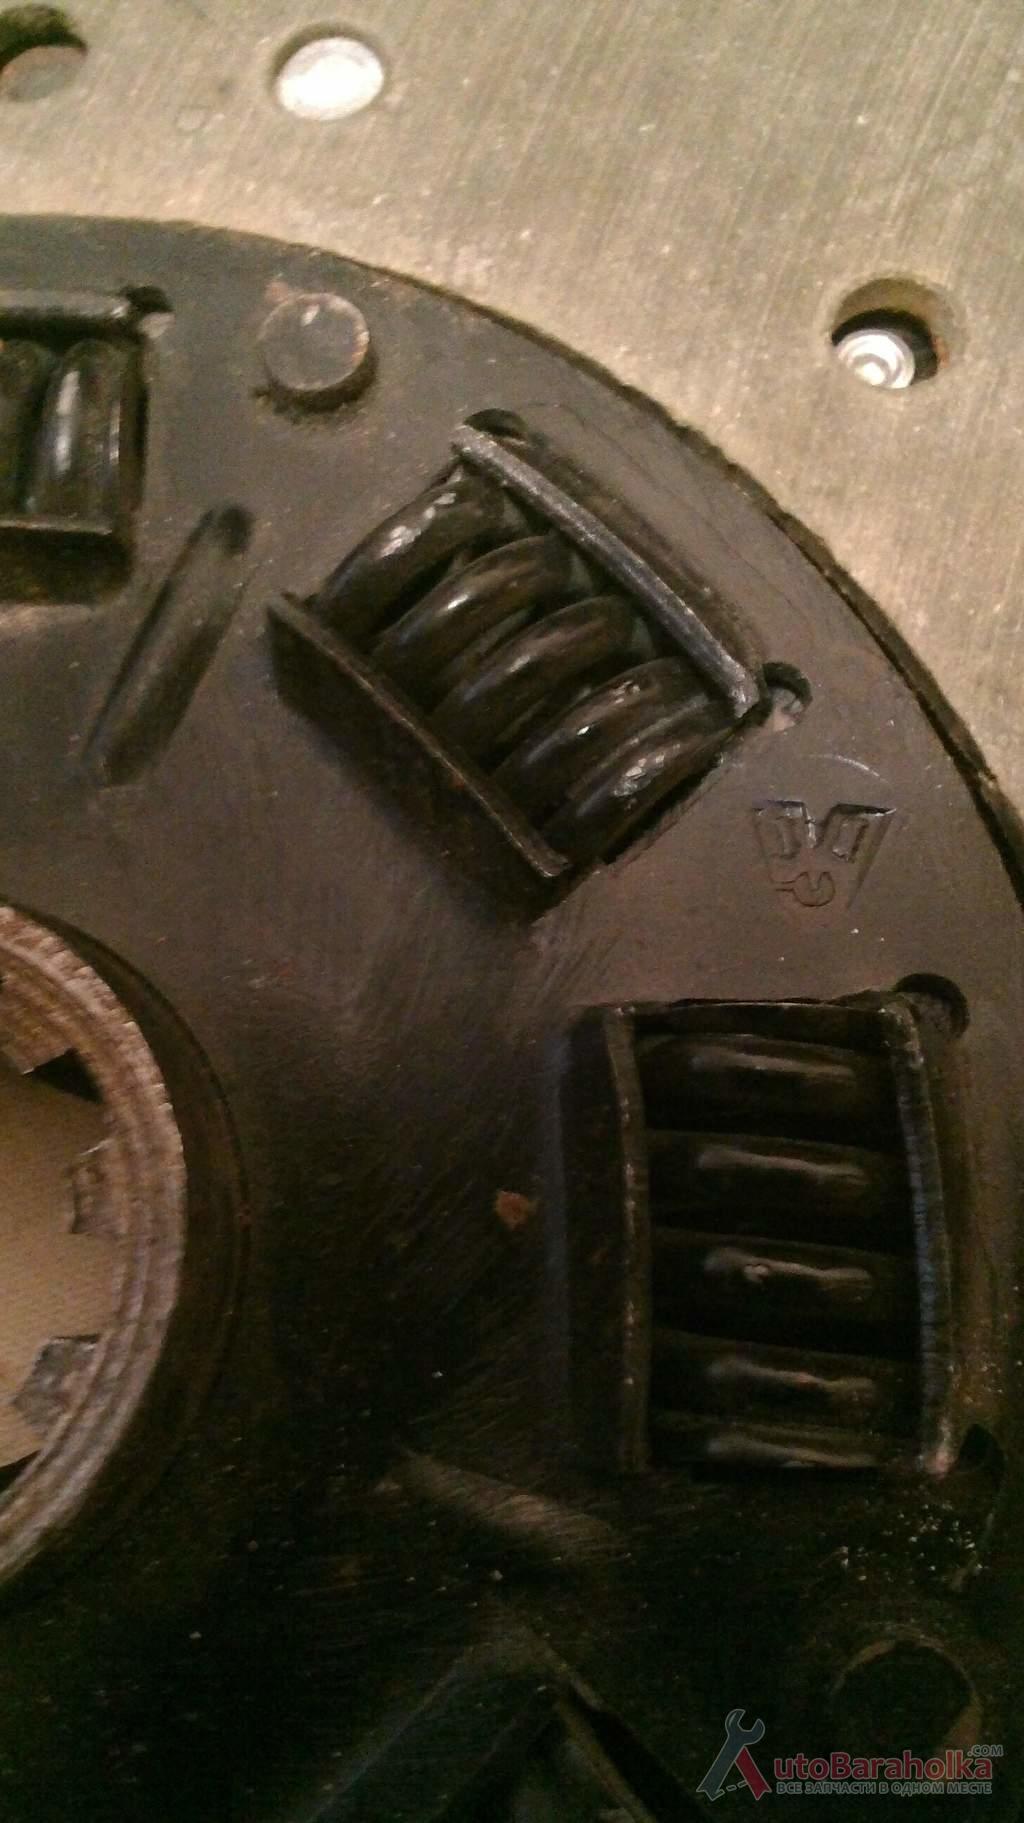 Продам Сцепление диск УАЗ-452 настоящий заводской качественный г. Ульяновск Киев